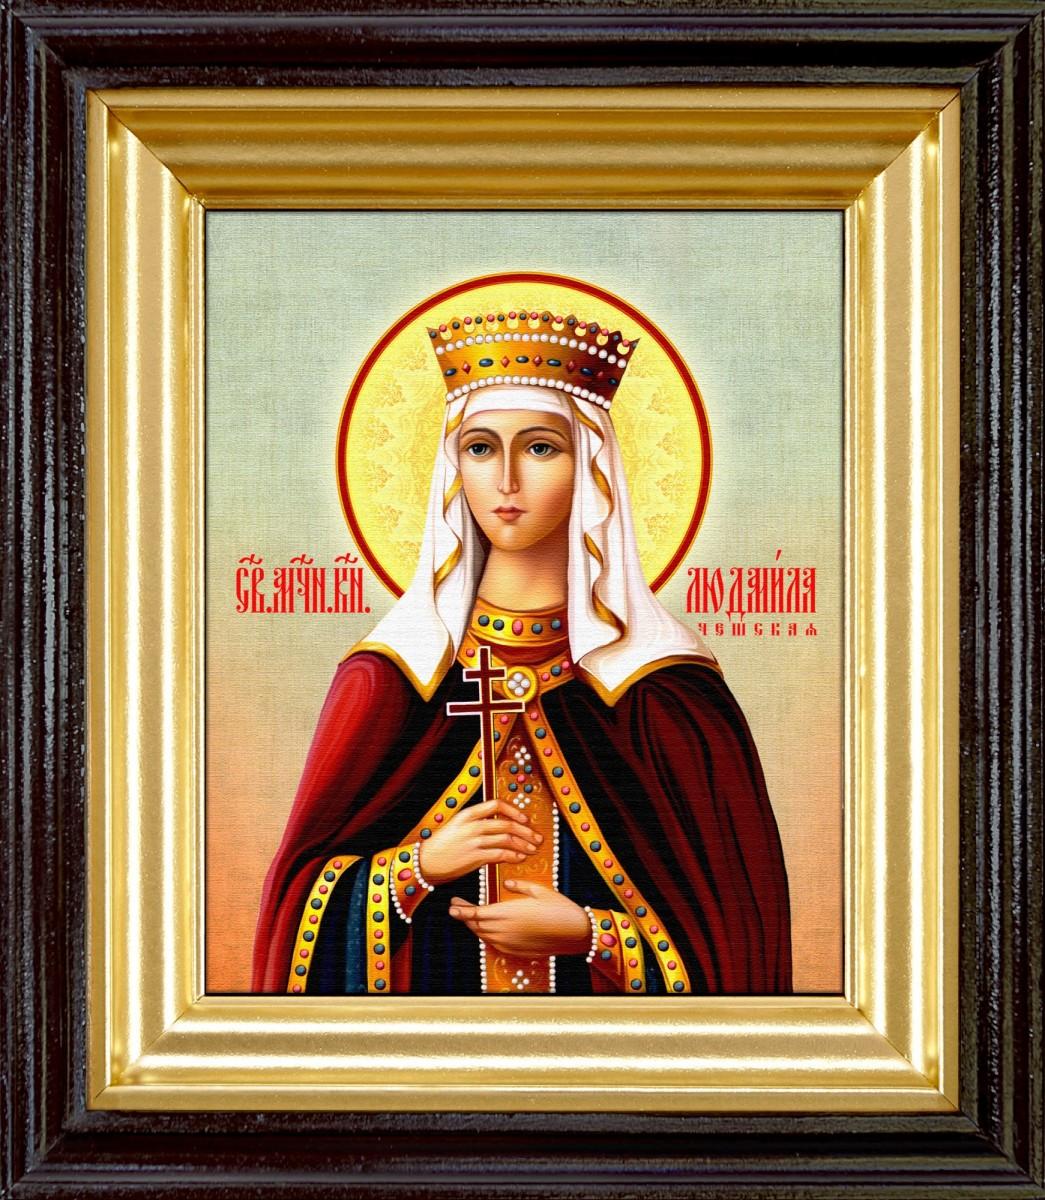 икона святой людмилы фото и значение можете управлять экспозицией